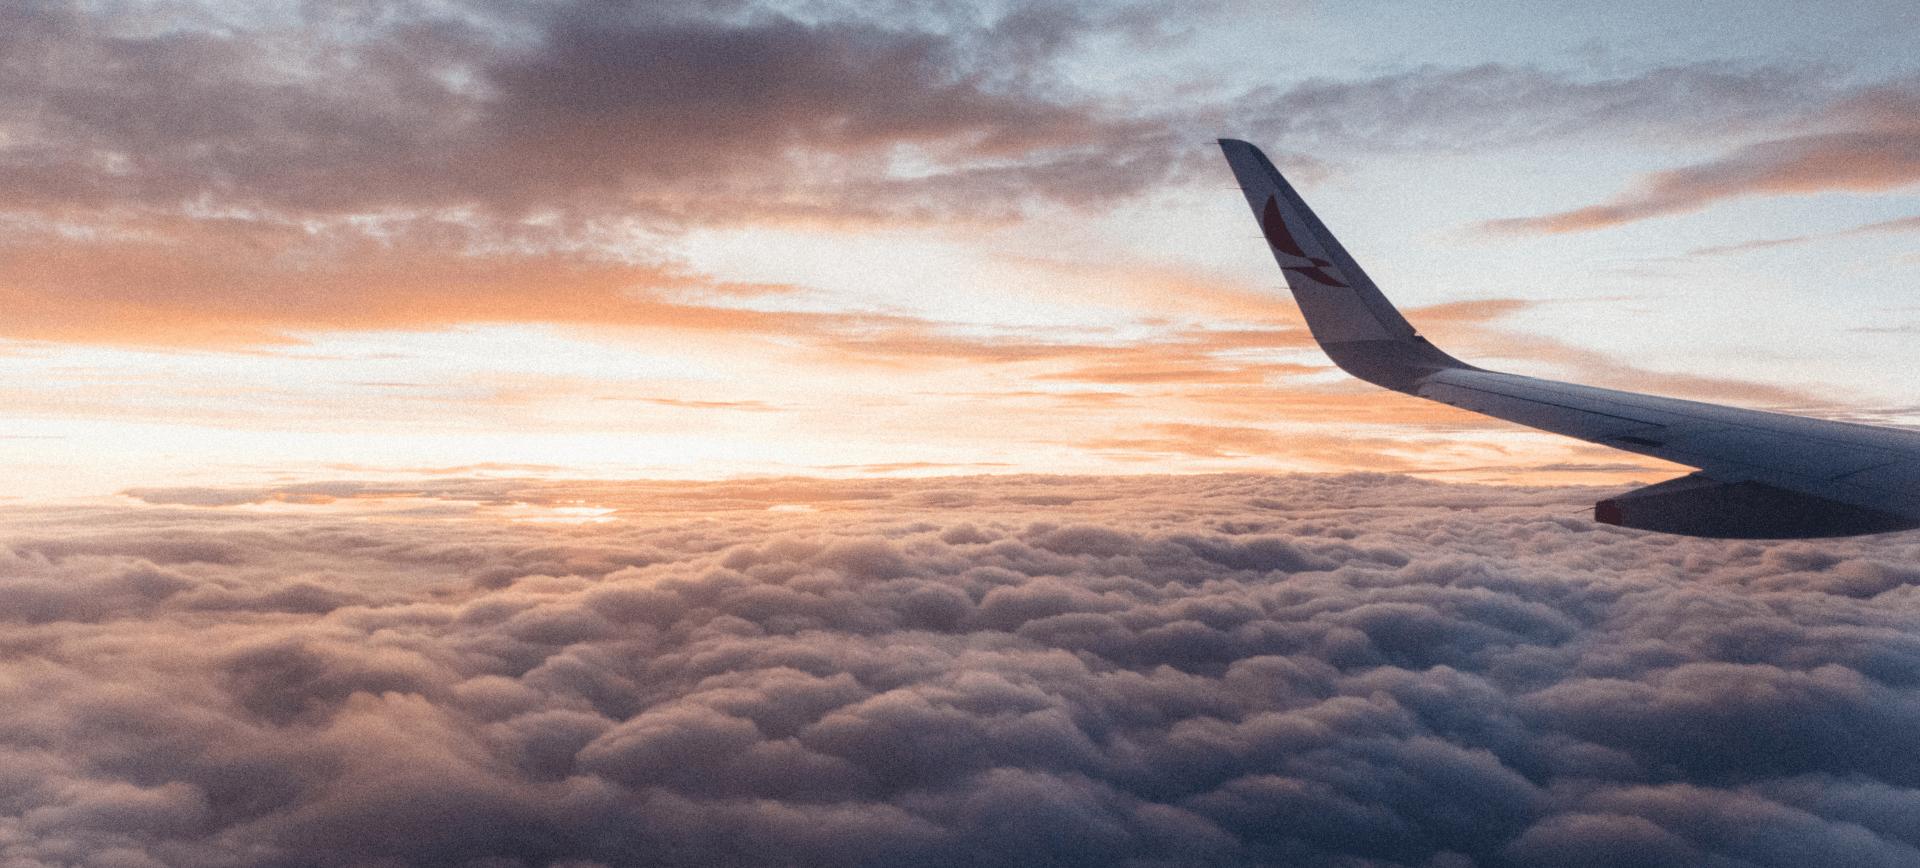 Vliegtuig Reis door de wijn